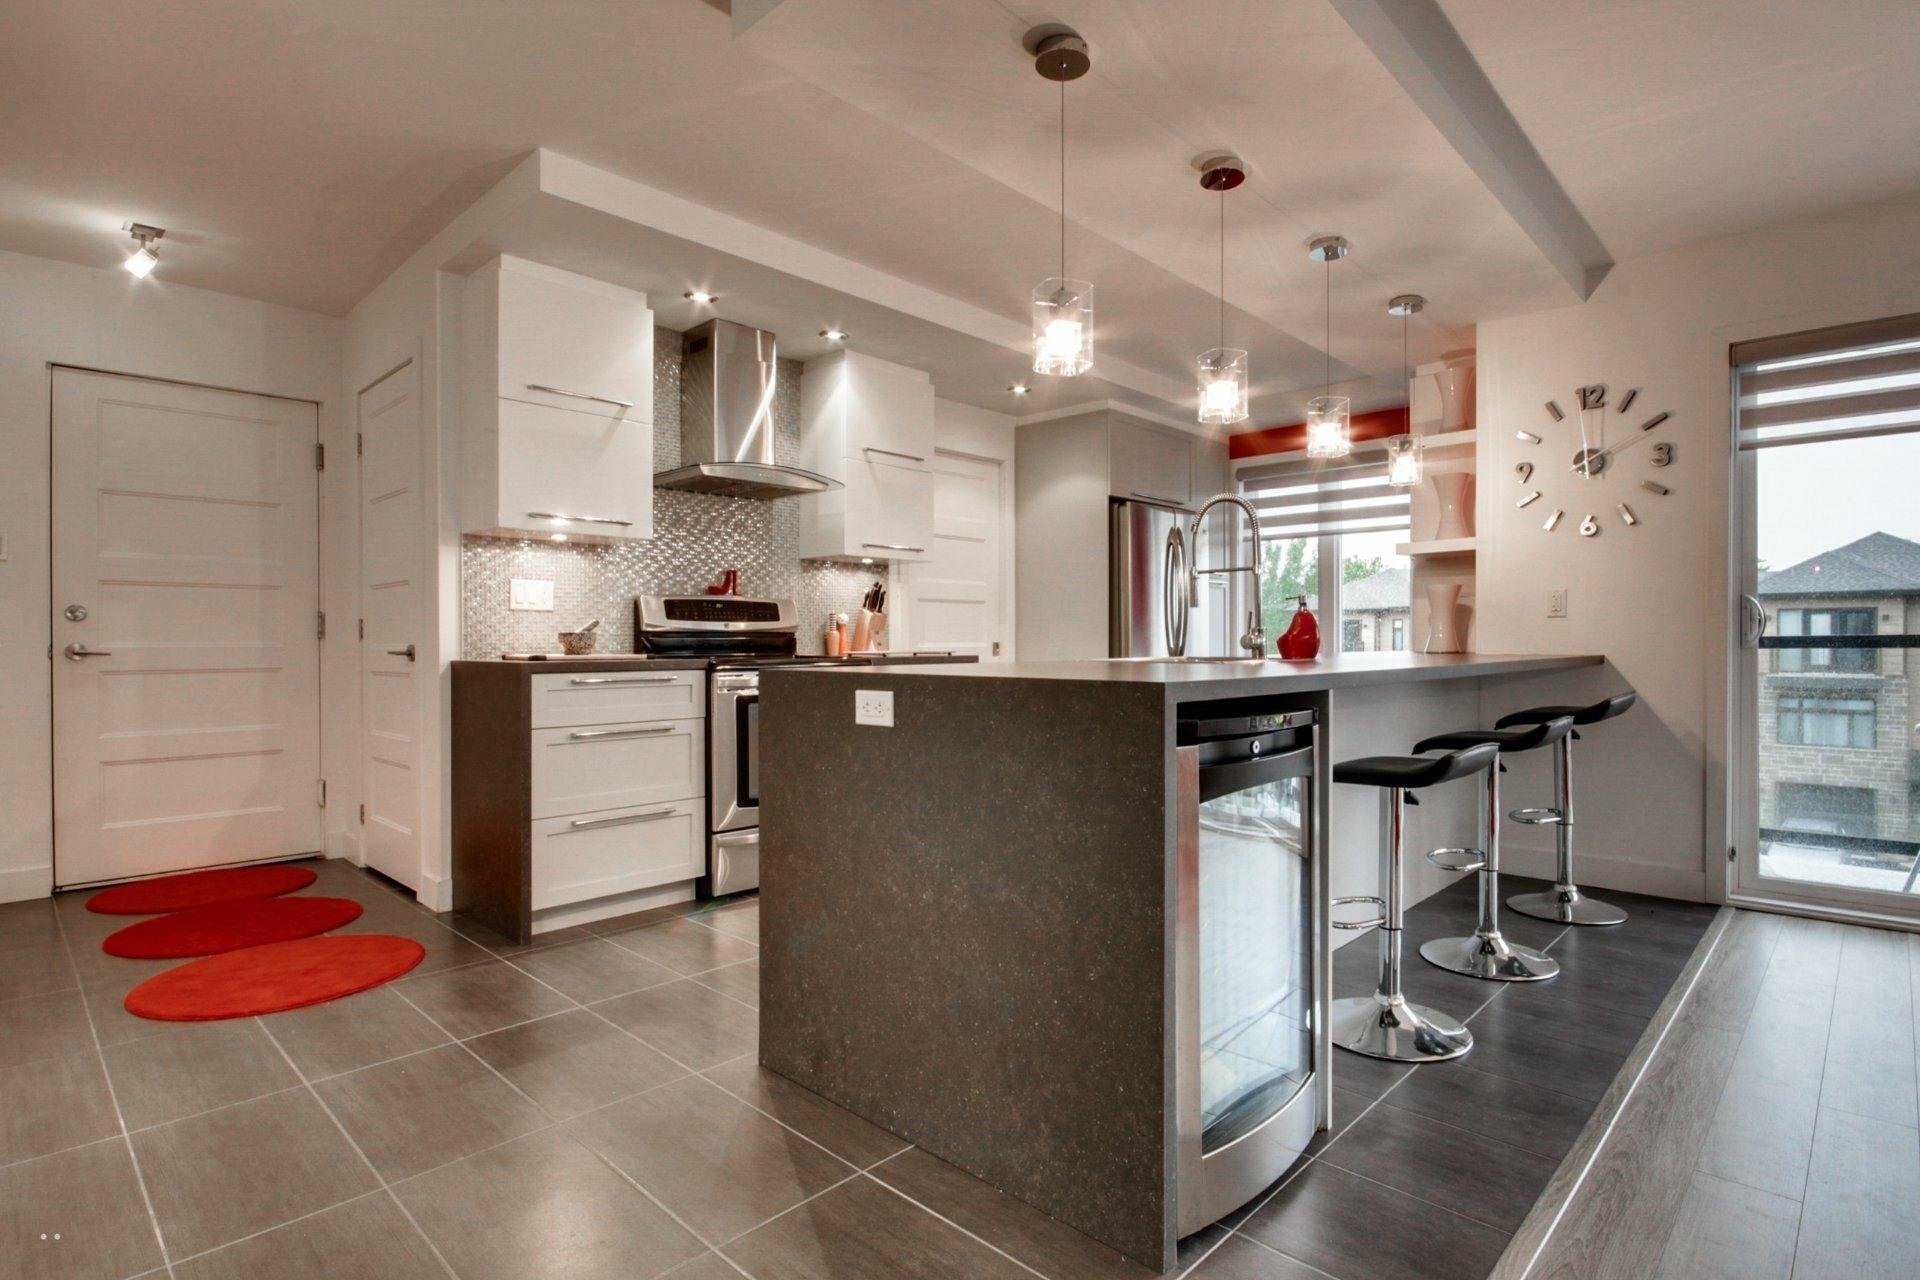 image 17 - Appartement À vendre Trois-Rivières - 7 pièces